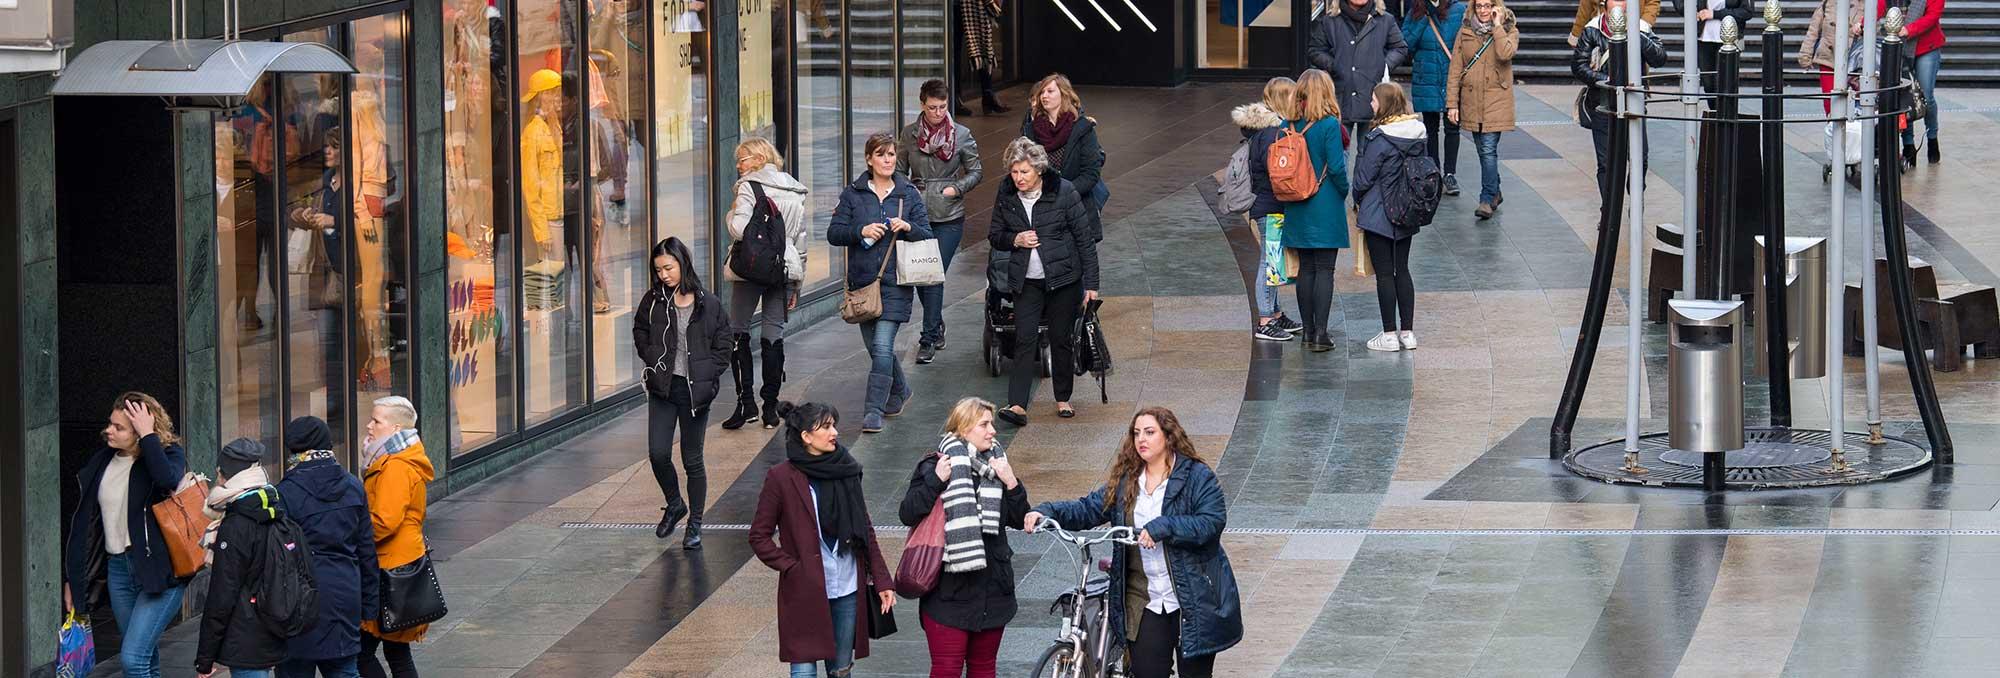 Winkelen publiek in de Koopgoot in Rotterdam Centrum, op de pagina Innovatie van de website van UDSRotterdam